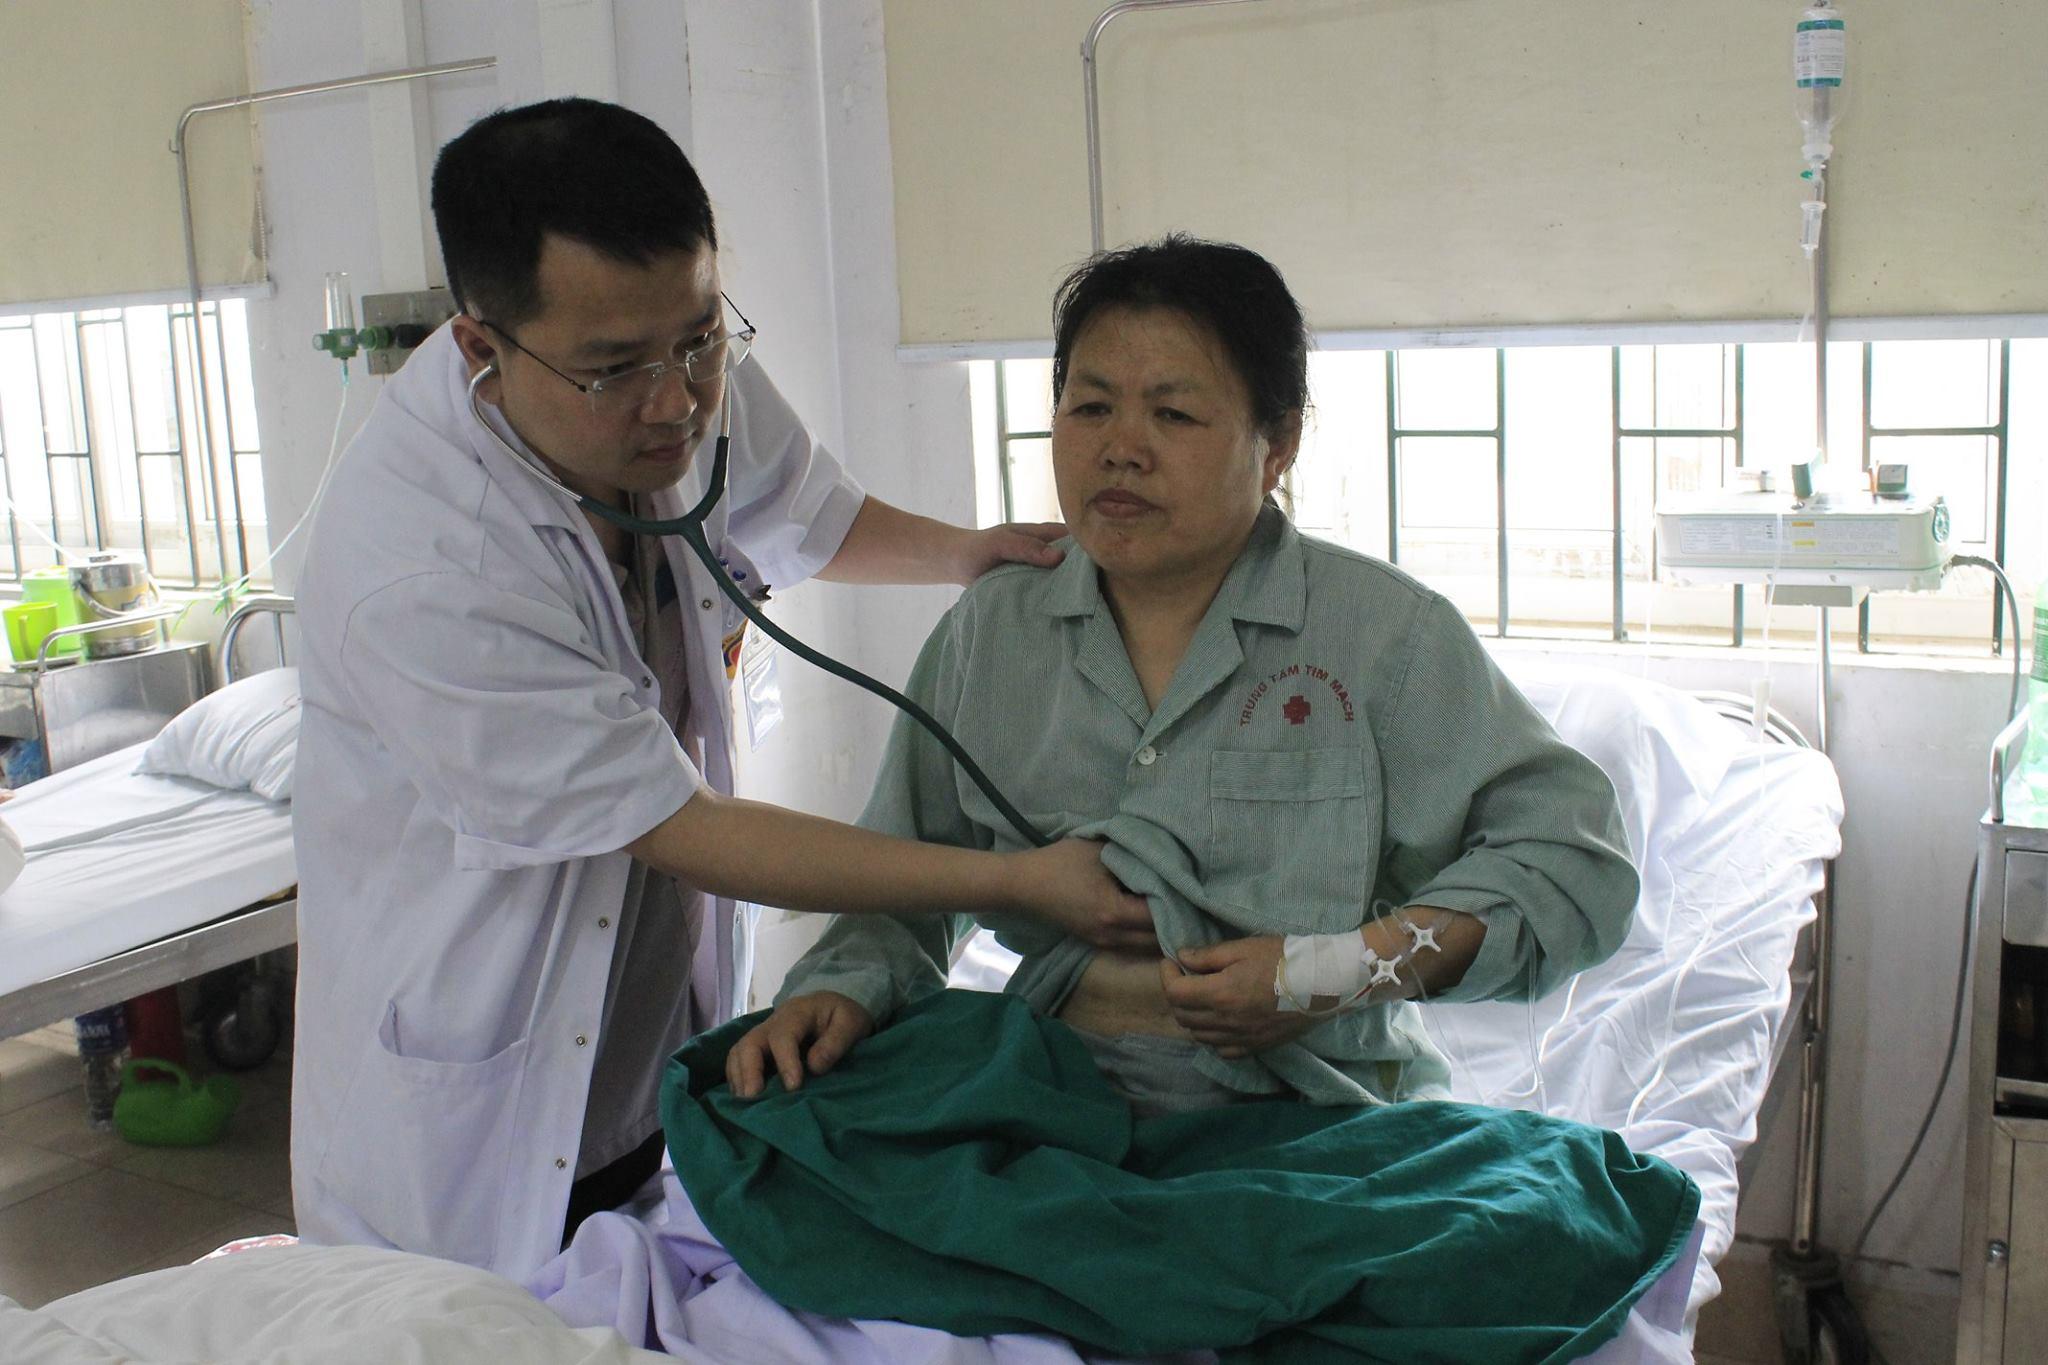 Đang đi du lịch, khách nước ngoài bị nhồi máu, được Bệnh viện E cứu sống - Ảnh 1